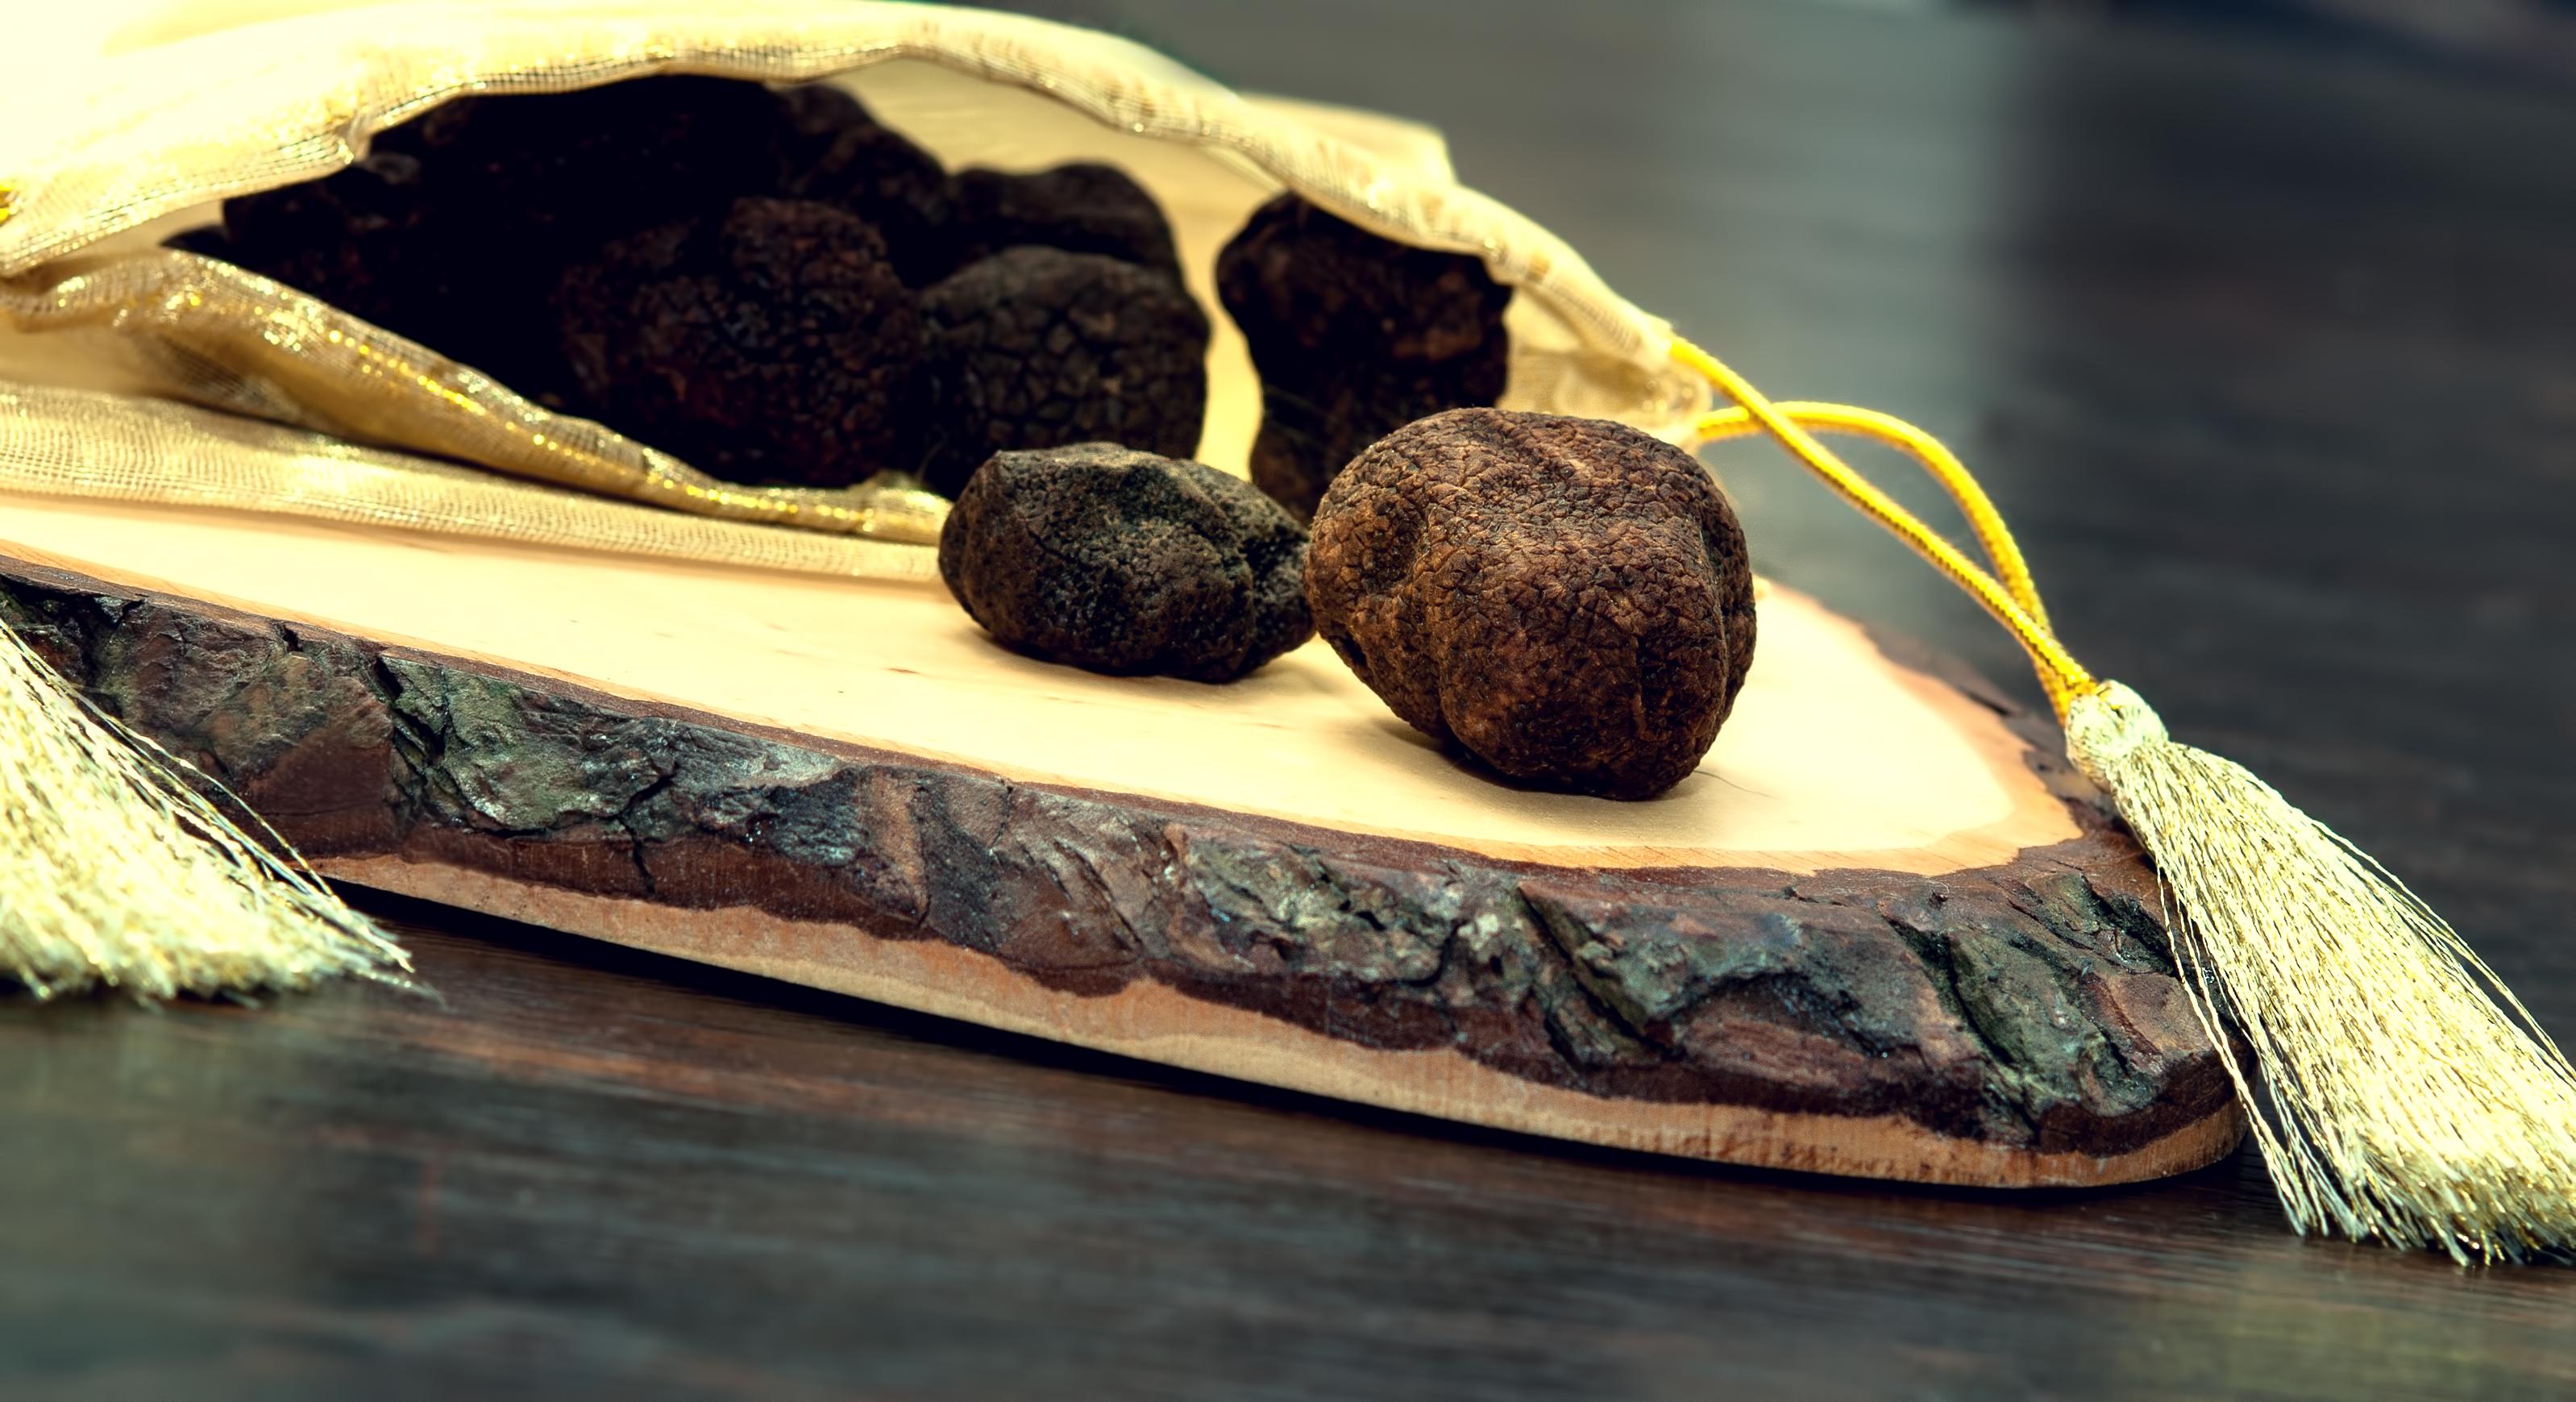 ¿Dónde comprar trufa negra y fresca en Teruel?